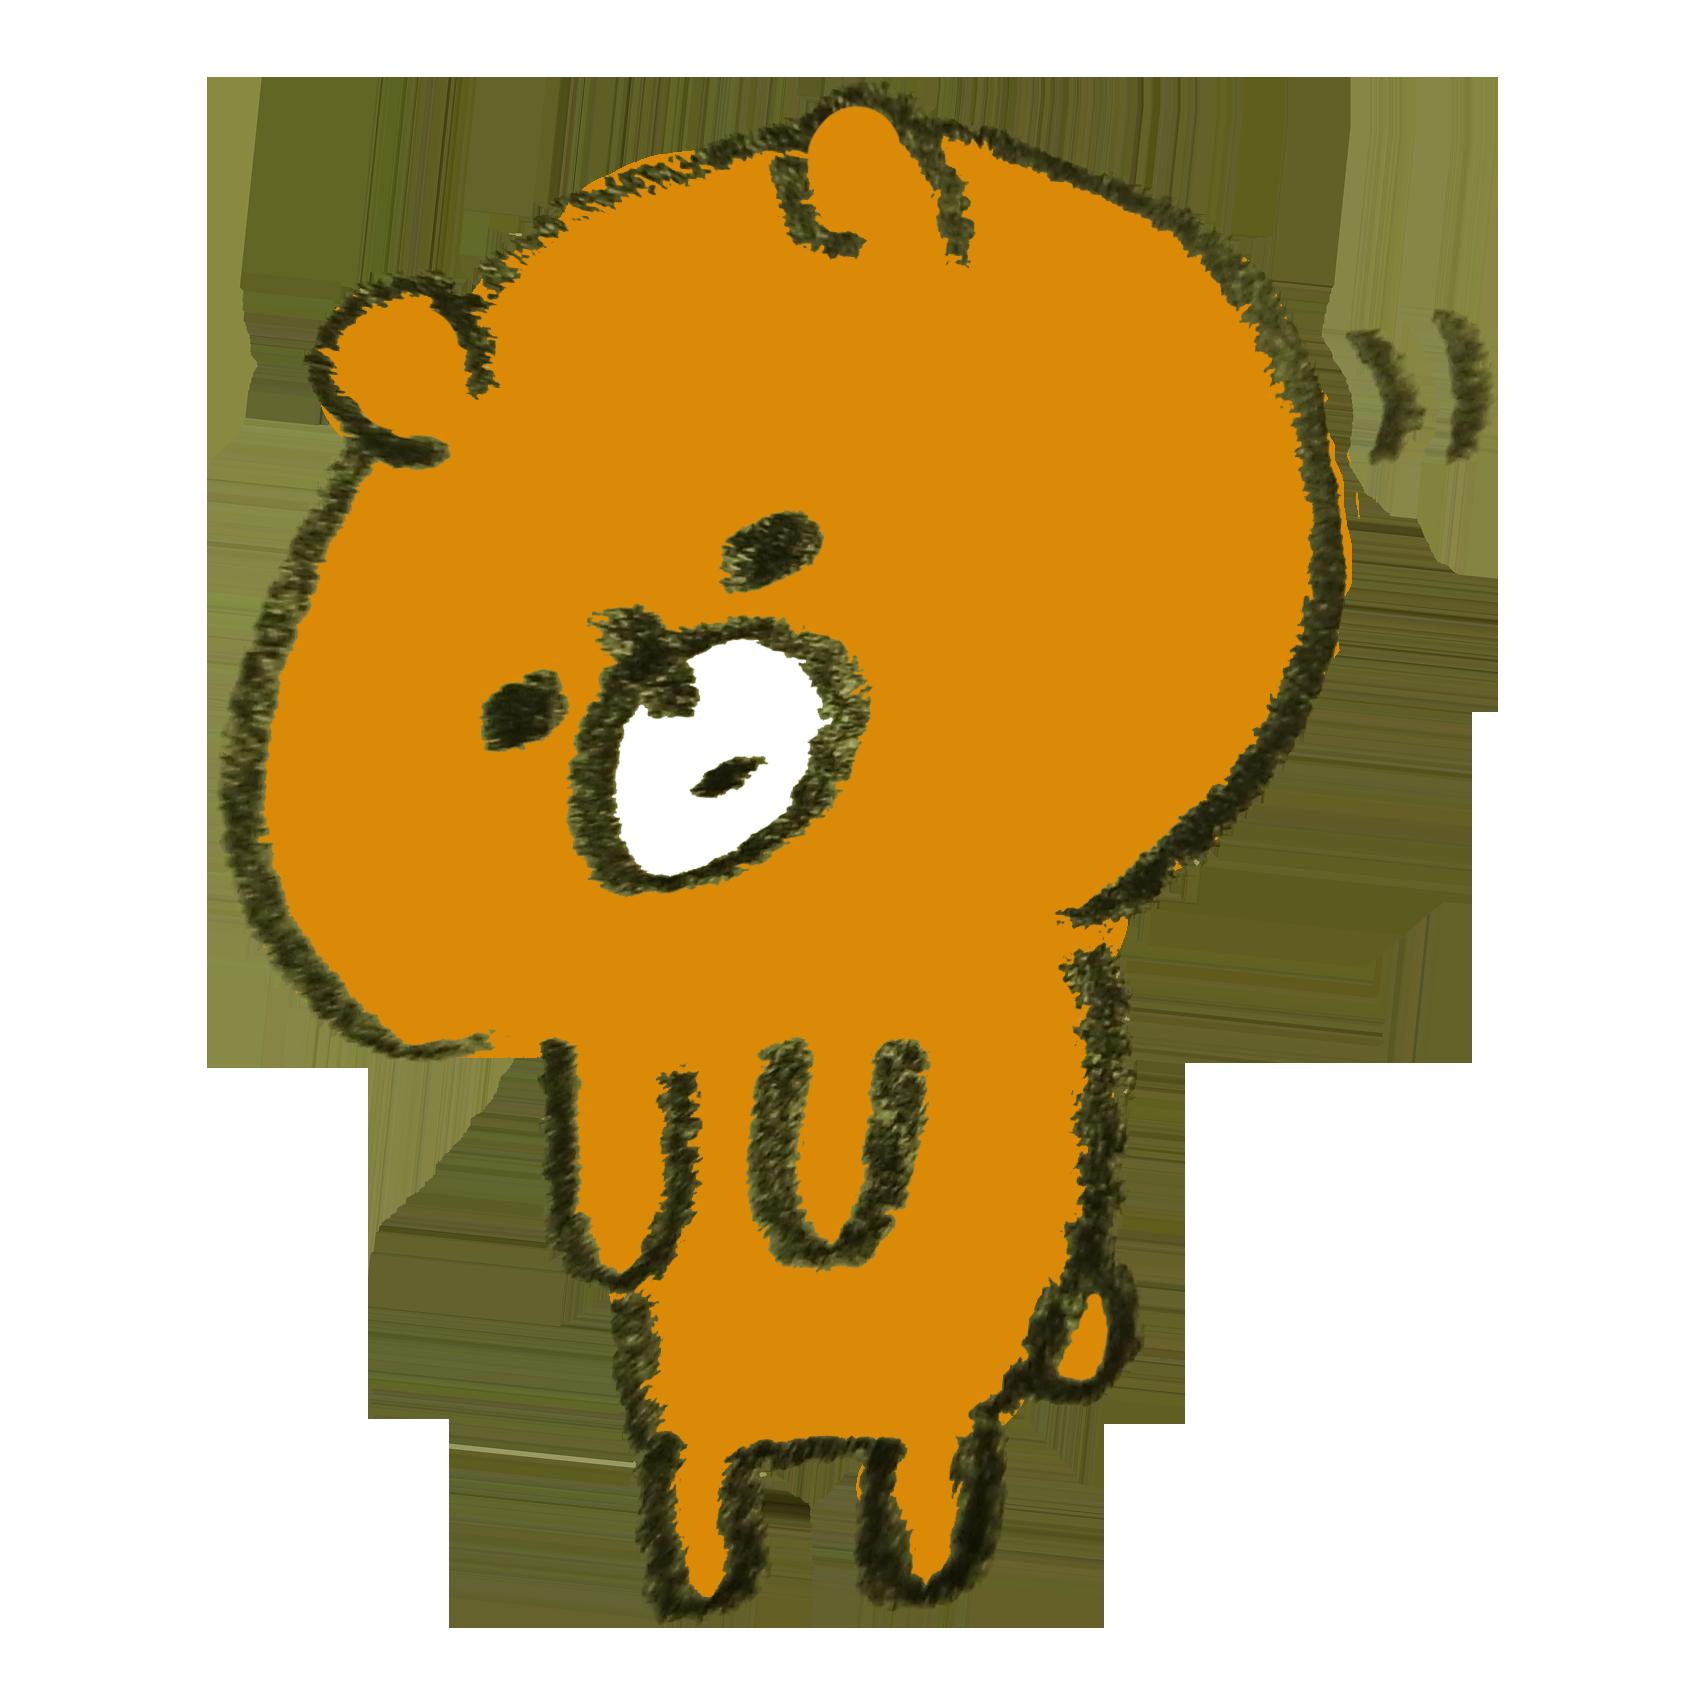 おじぎをする熊のイラスト | ゆるくてかわいい無料イラスト素材屋